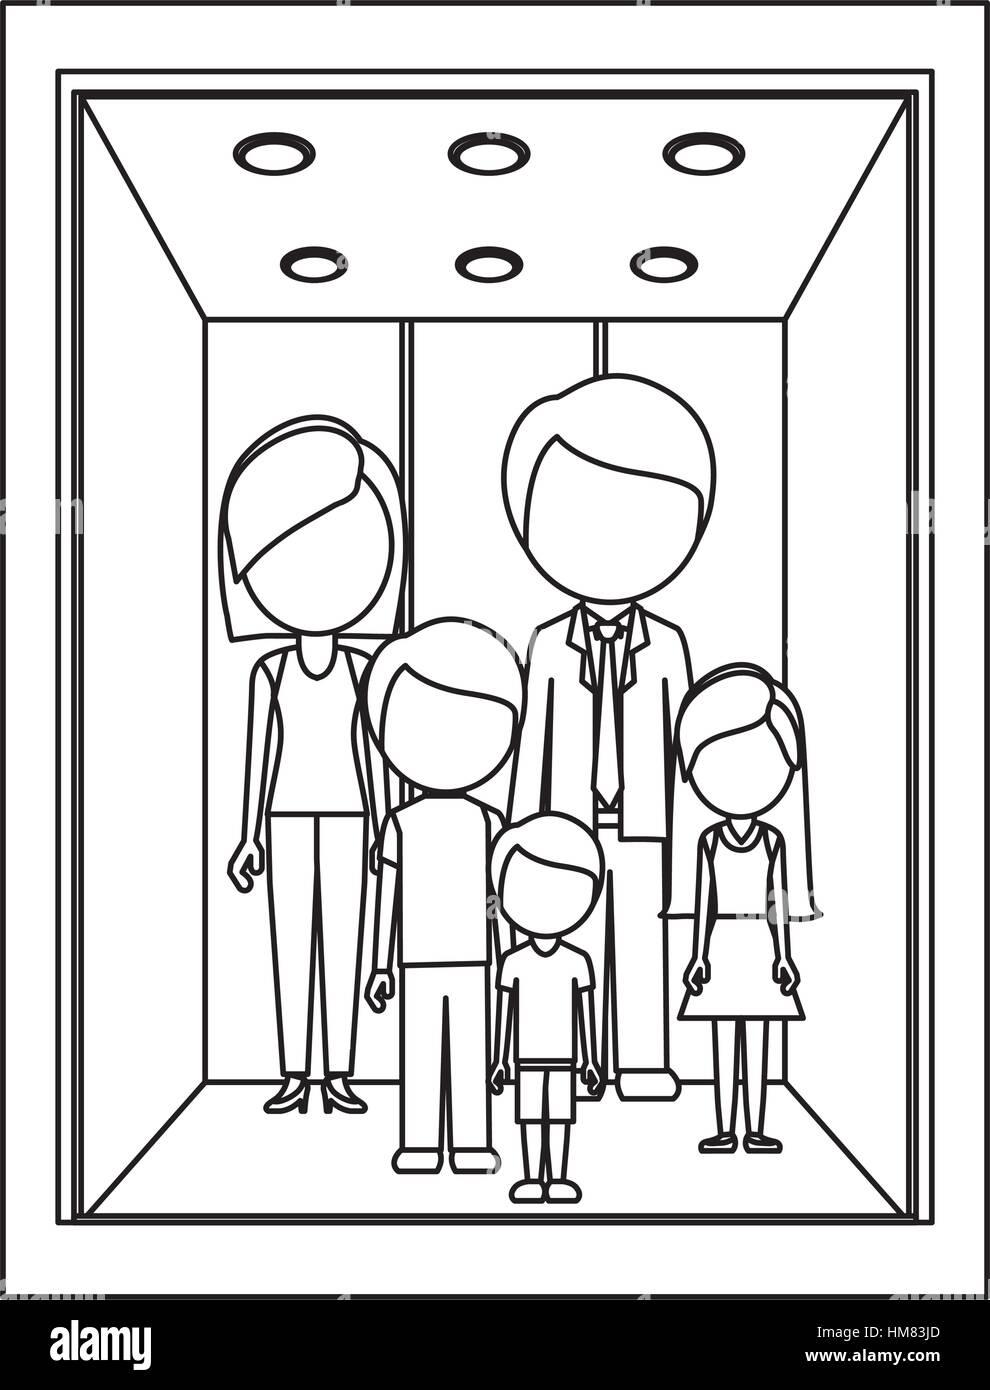 подобные рисунок лифт и карандаш образования гор земле